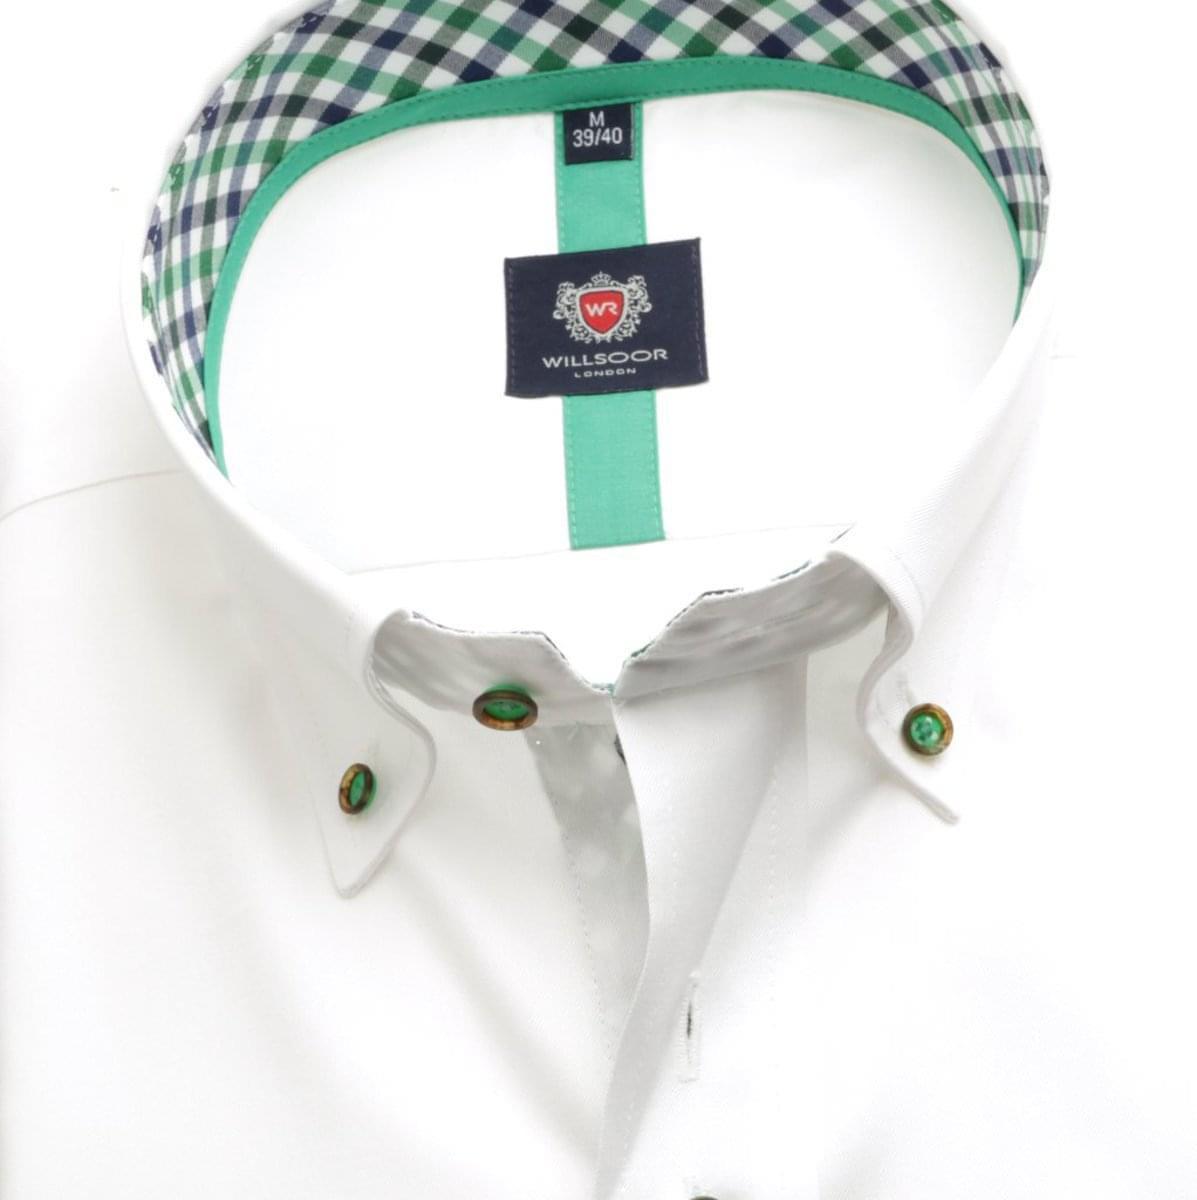 Pánská košile London v bílé barvě (výška 176-182) 5498 176-182 / M (39/40)